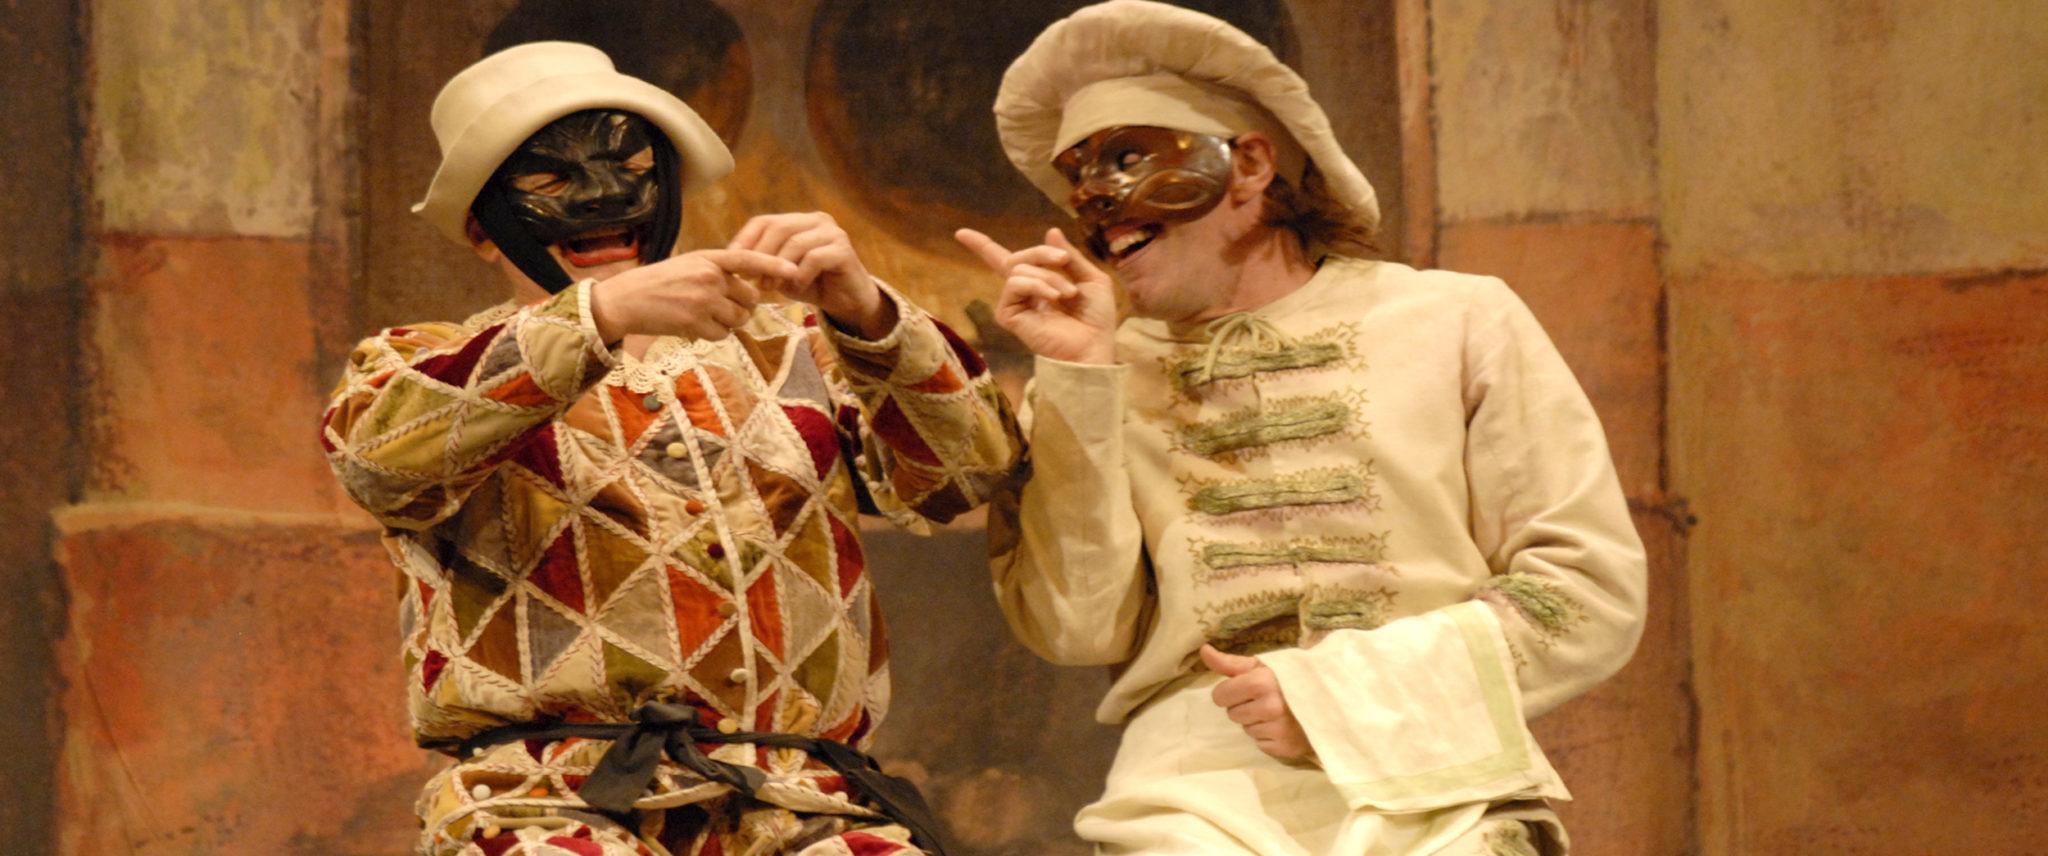 ARLECCHINO SERVITORE DI DUE PADRONI di Carlo Goldoni, regia di Giorgio Strehler